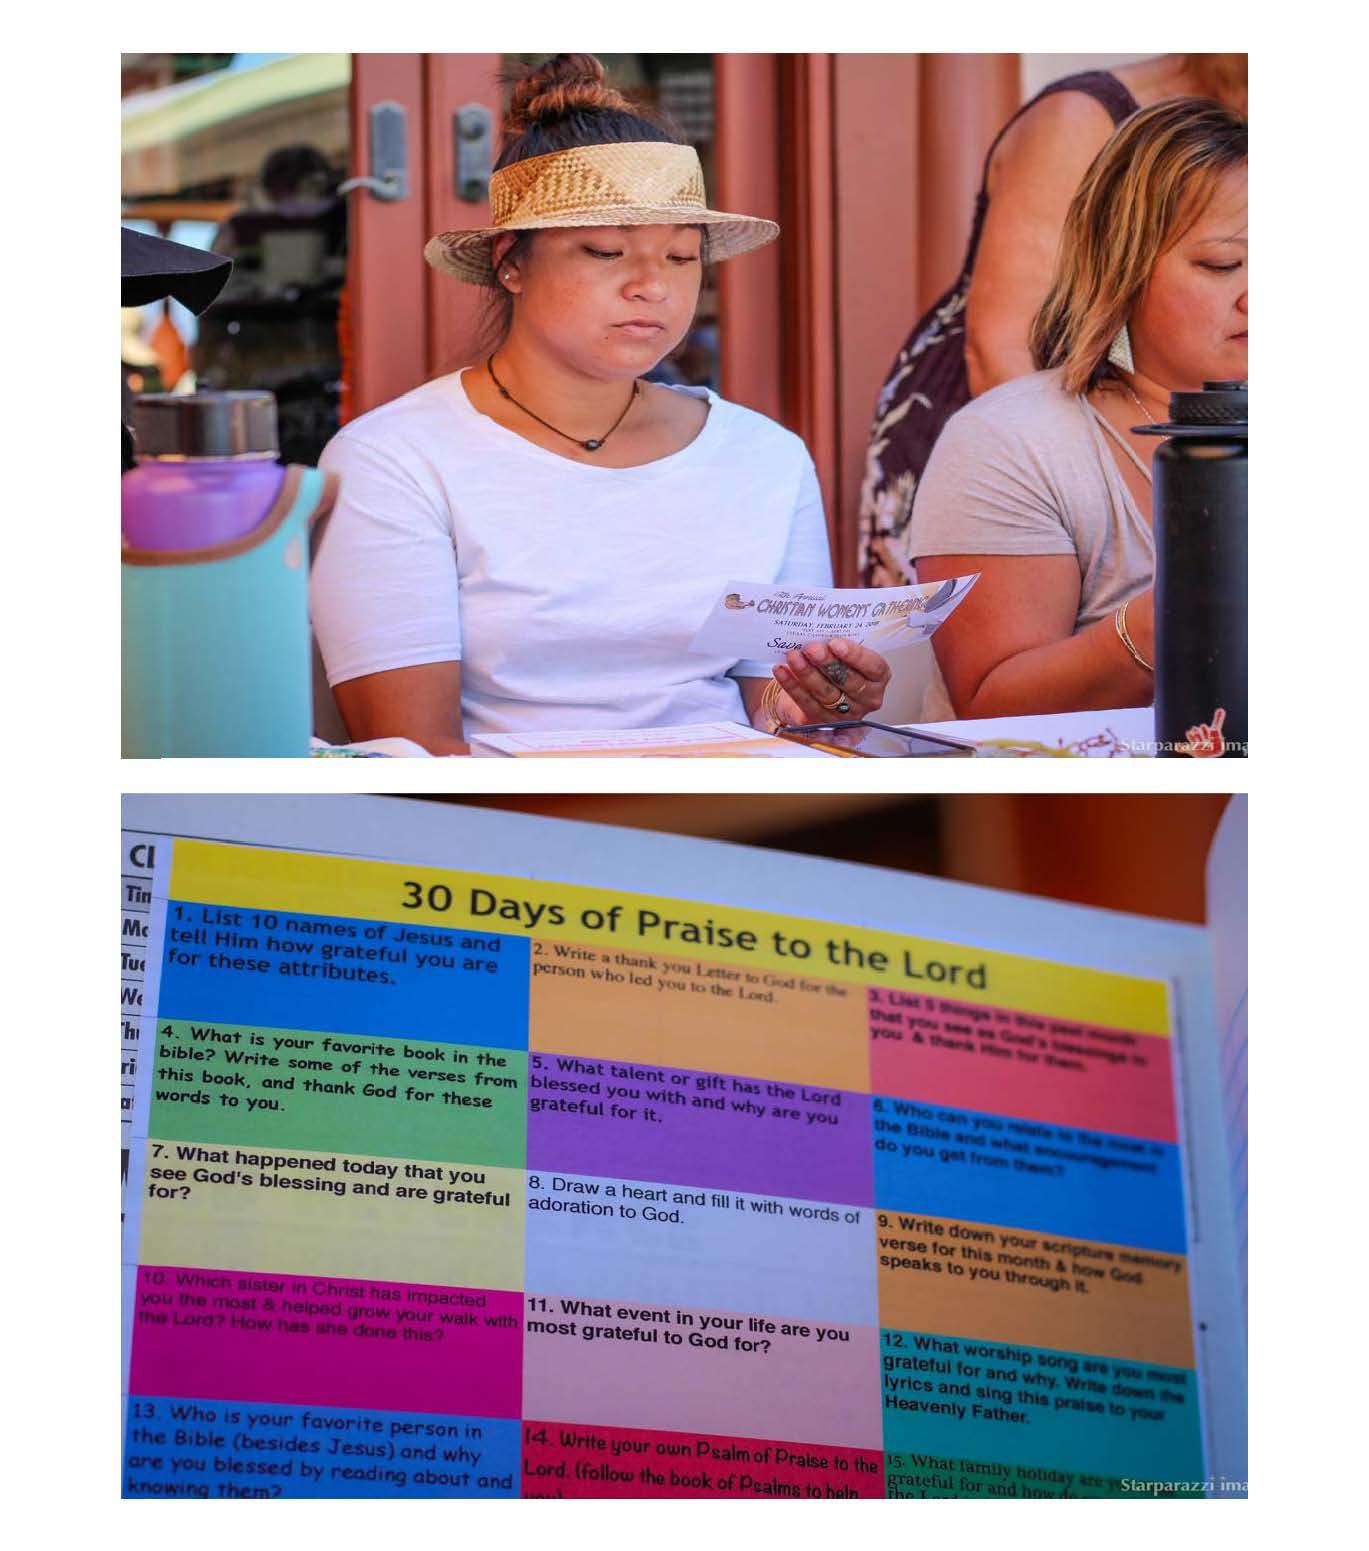 Puako%20002 page 24 original